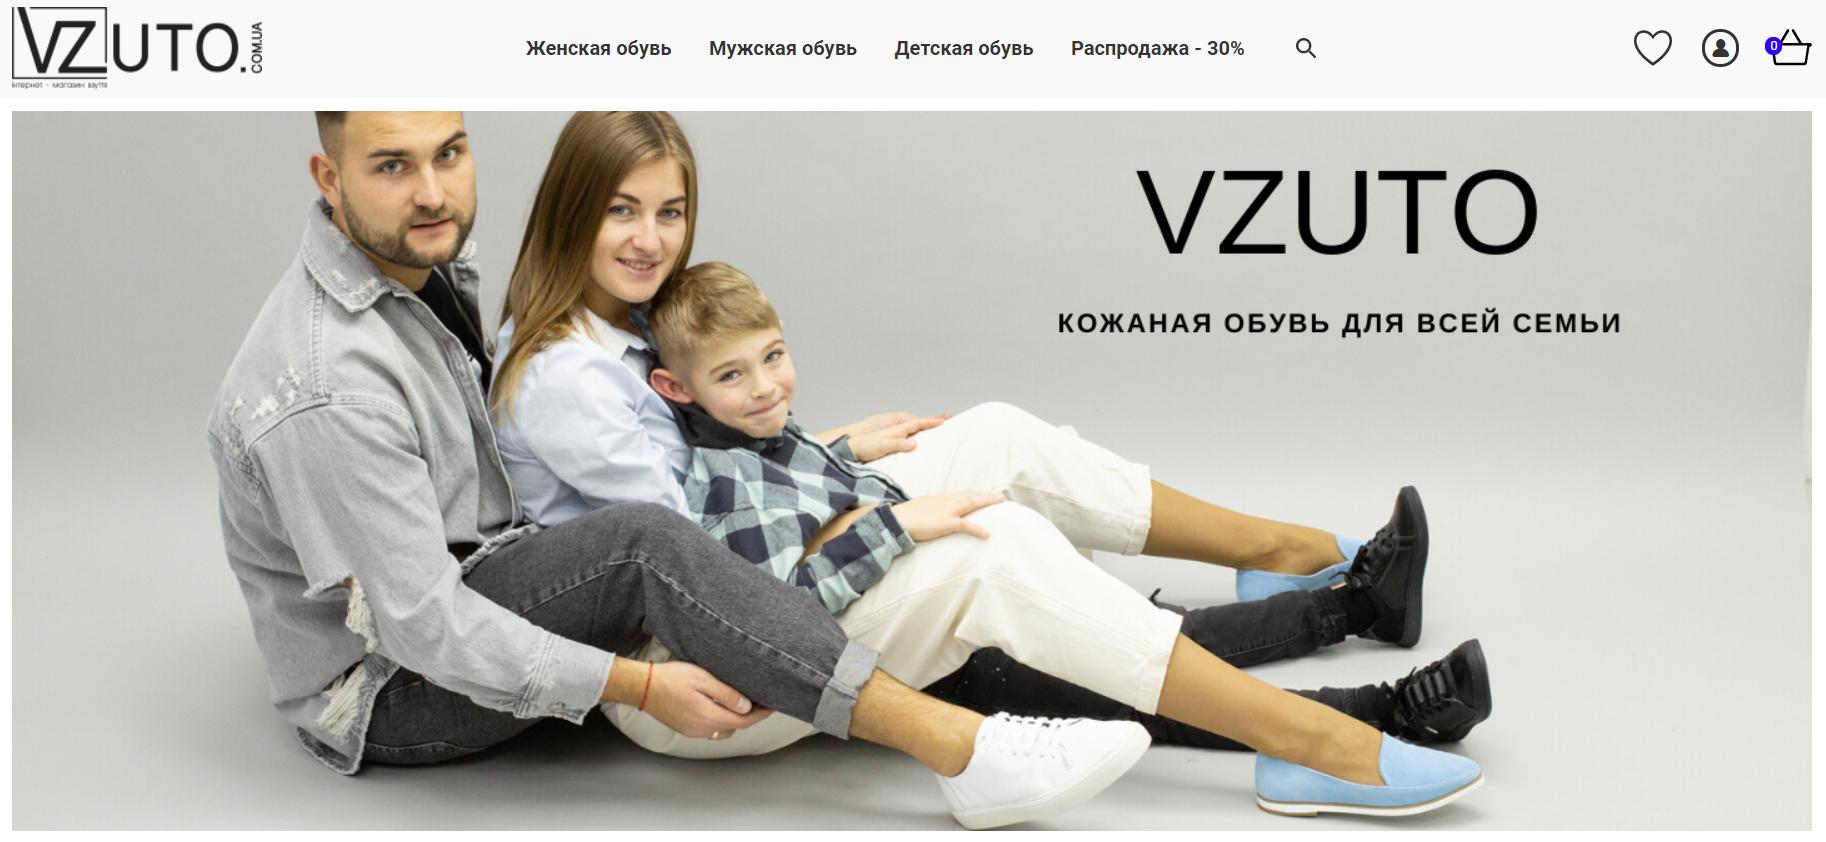 Прямой поставщик обуви Vzuto